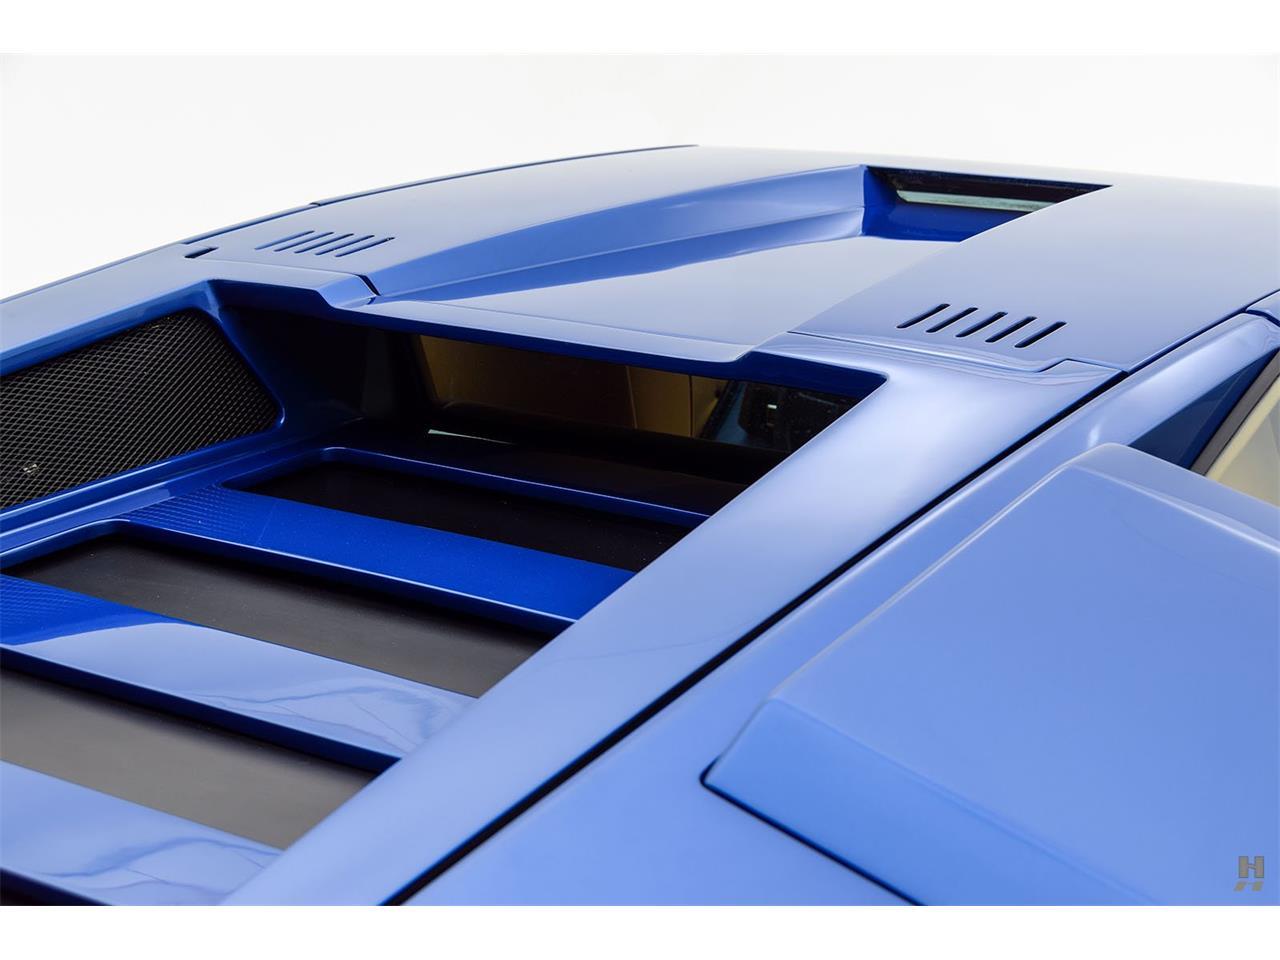 Large Picture of 1975 Lamborghini Countach LP400 located in Missouri - $1,225,000.00 - OVNJ